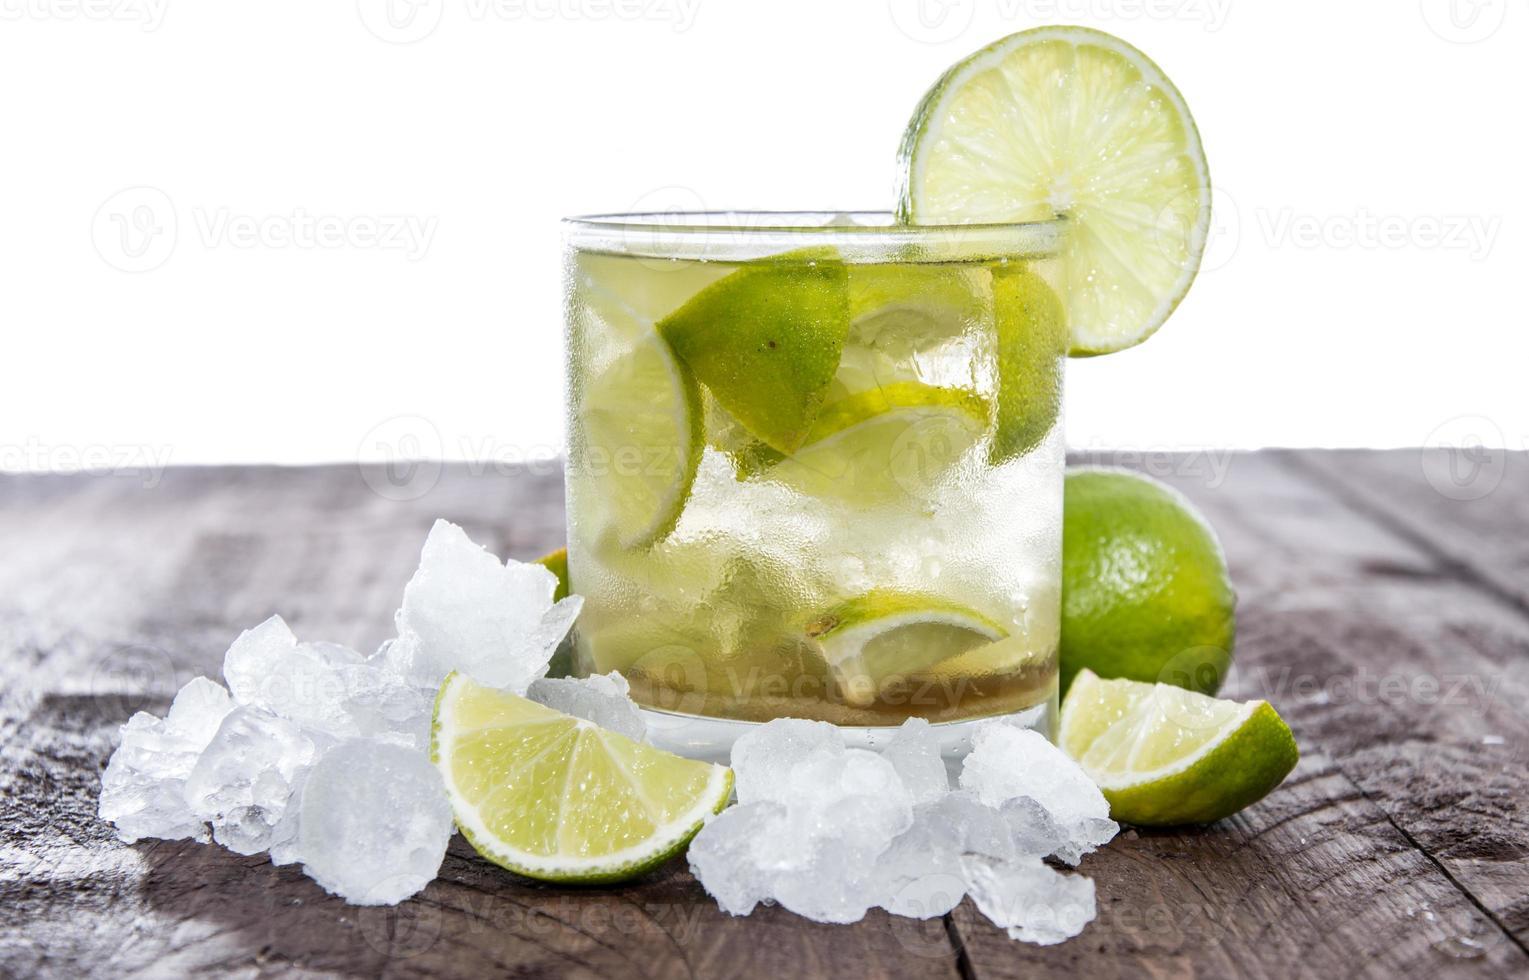 ein Caipirinha-Cocktail, garniert mit Limette auf einem Holztisch foto